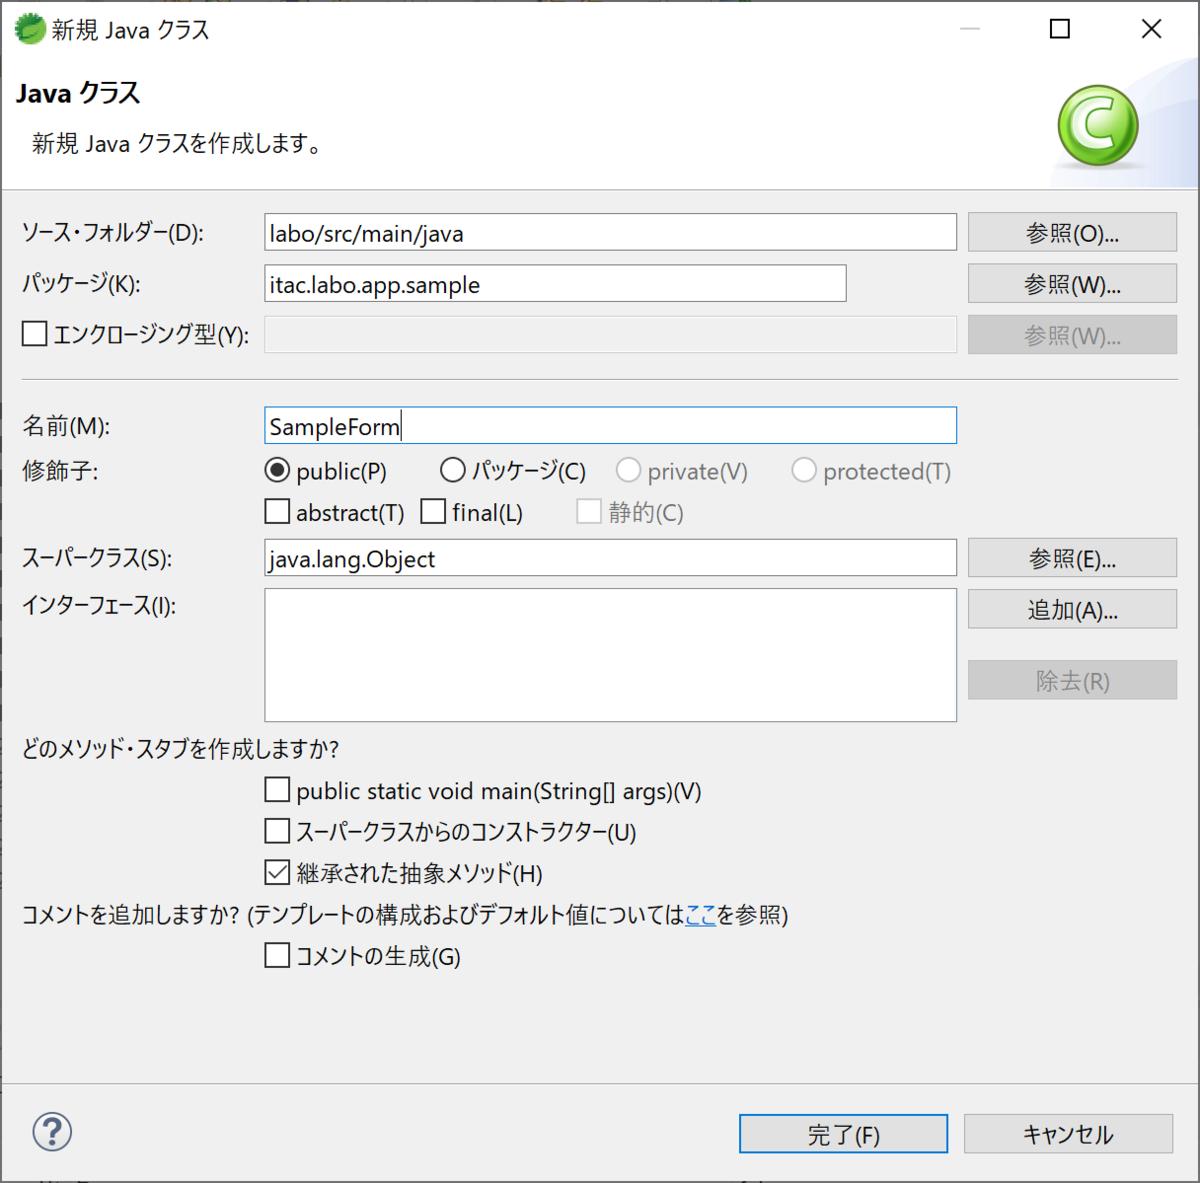 f:id:shizuuuka0202:20200127220708p:plain